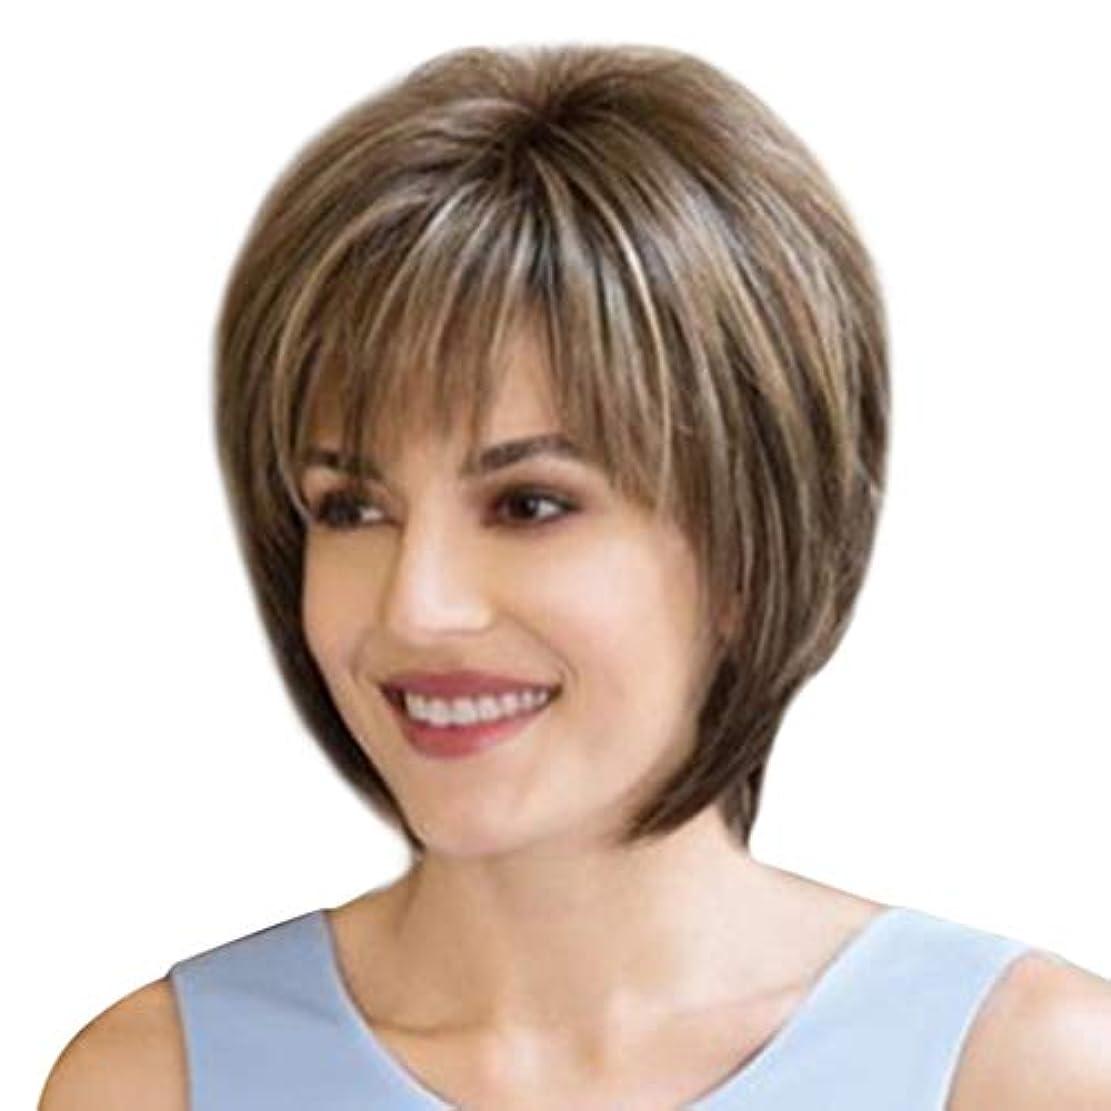 フライト報復するうがいCinhent 8インチファッション合成ストレートショートレディースウィッグふわふわ染色天然のリアルな髪の毛のかつら女性のファイバー